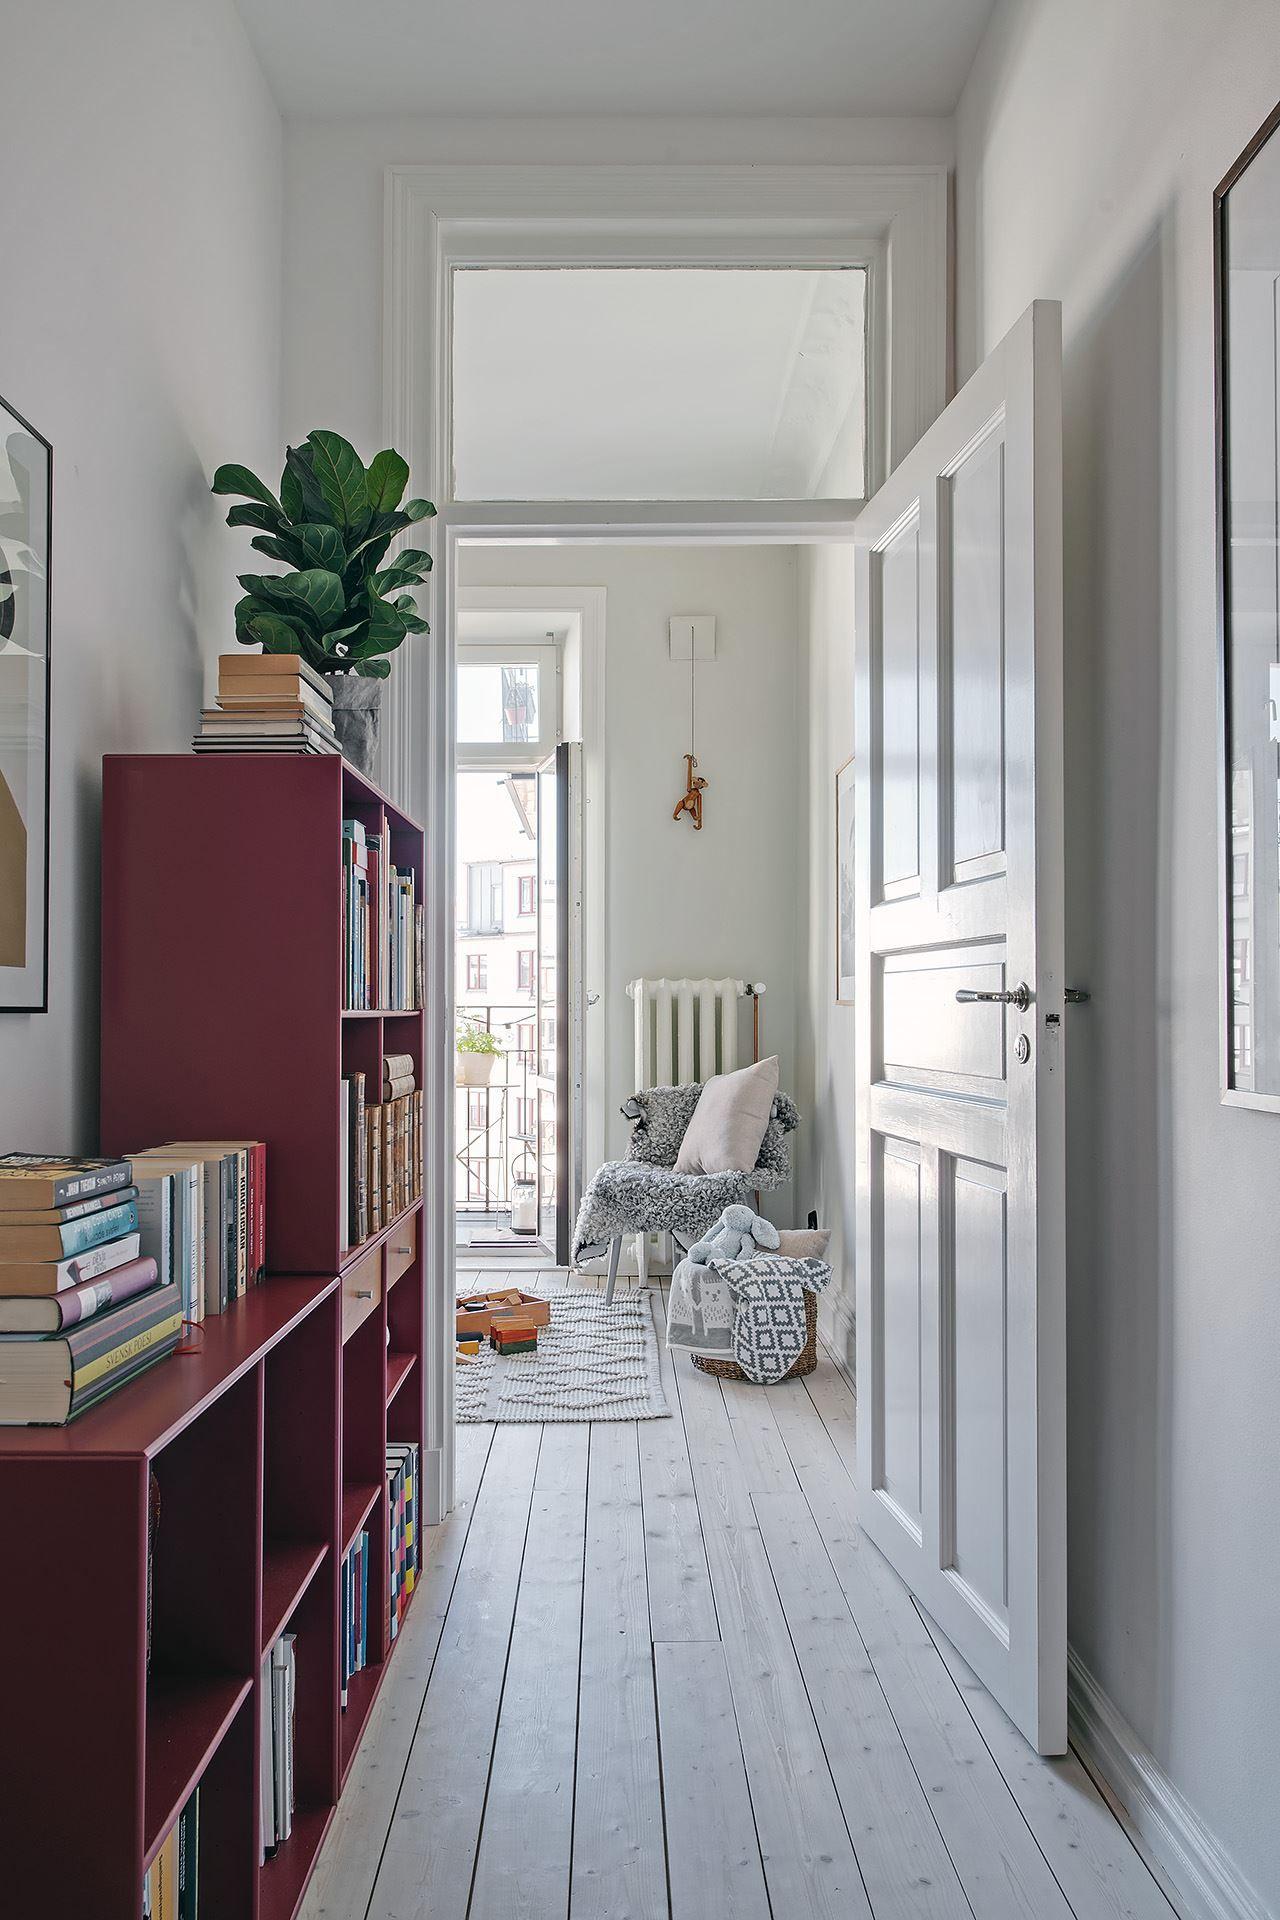 Papier-peint fleuri et cuisine campagnarde dans un appartement en ville - PLANETE DECO a homes world